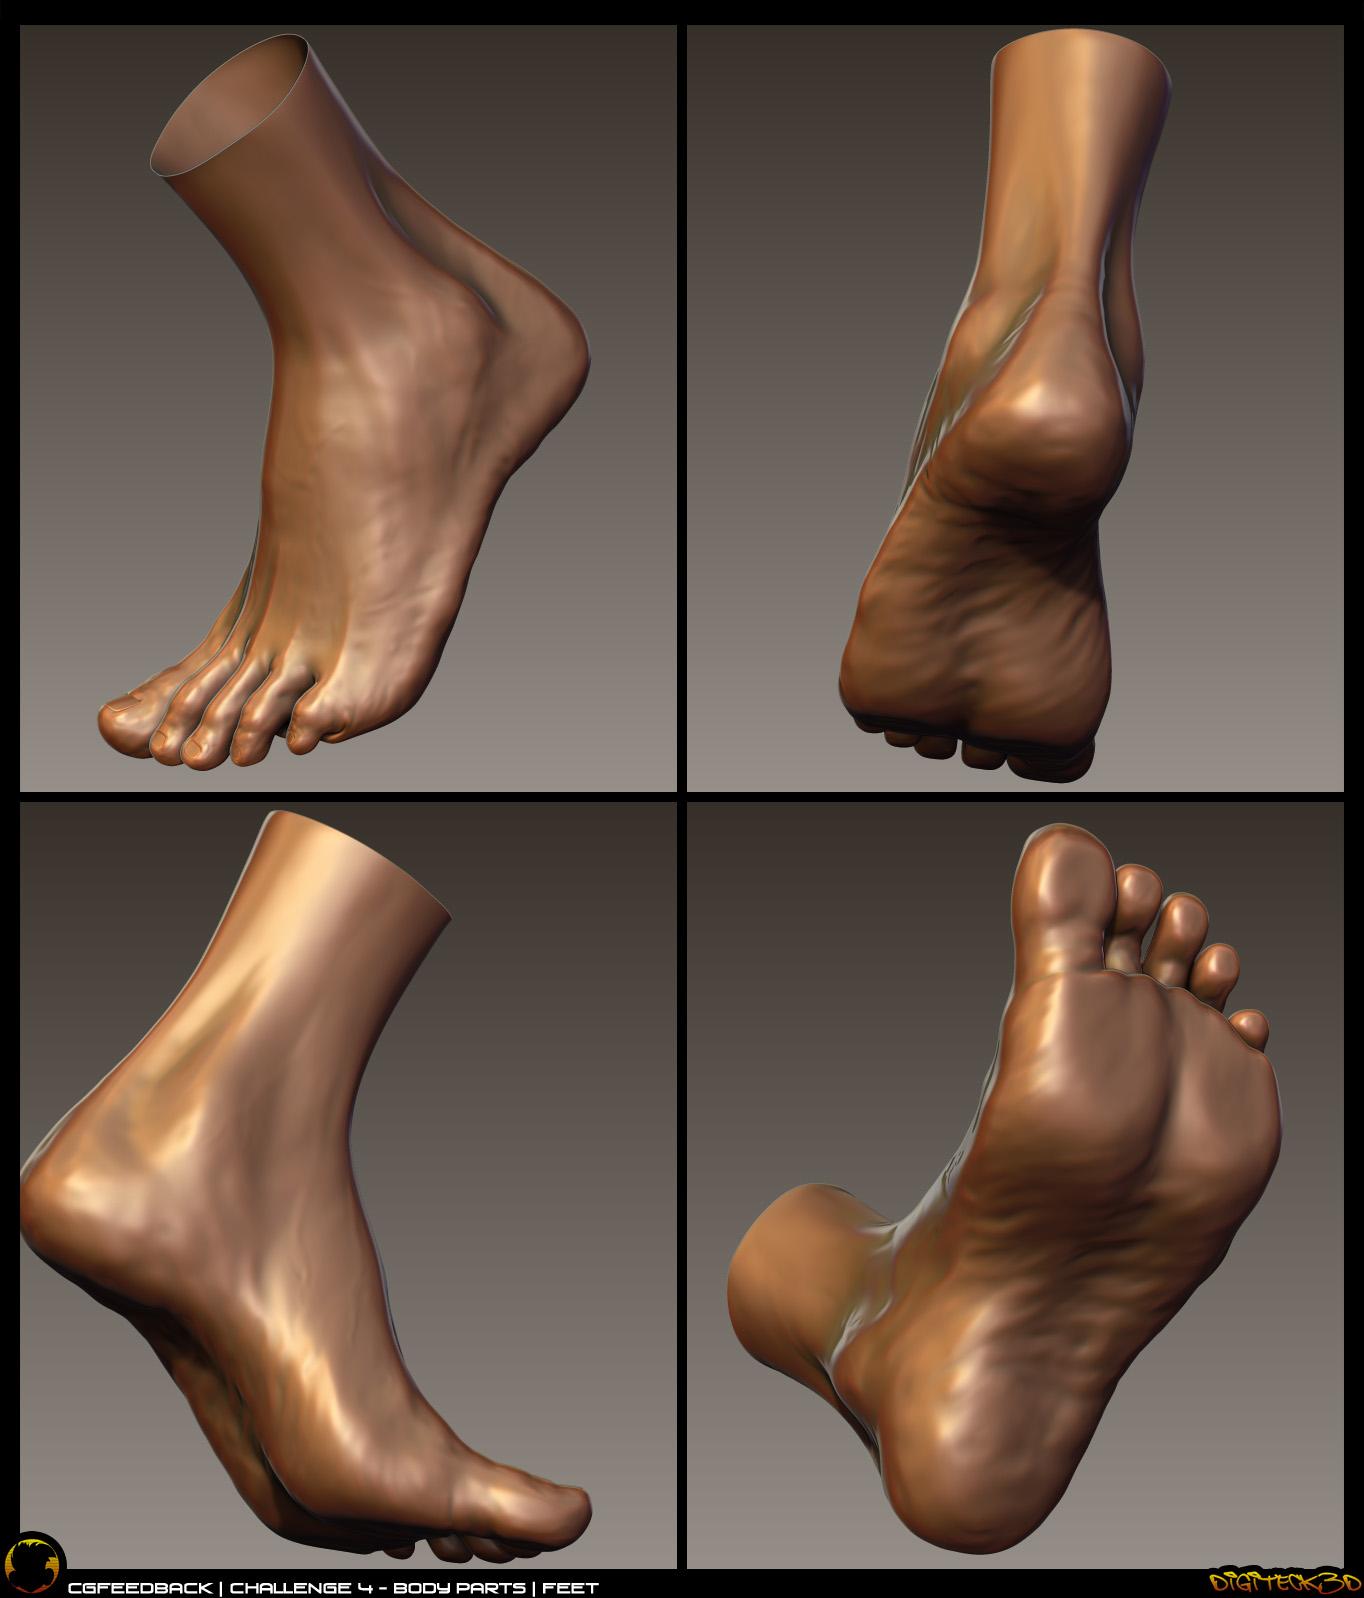 Просмотреть feet challenge рассказы 25 фотография